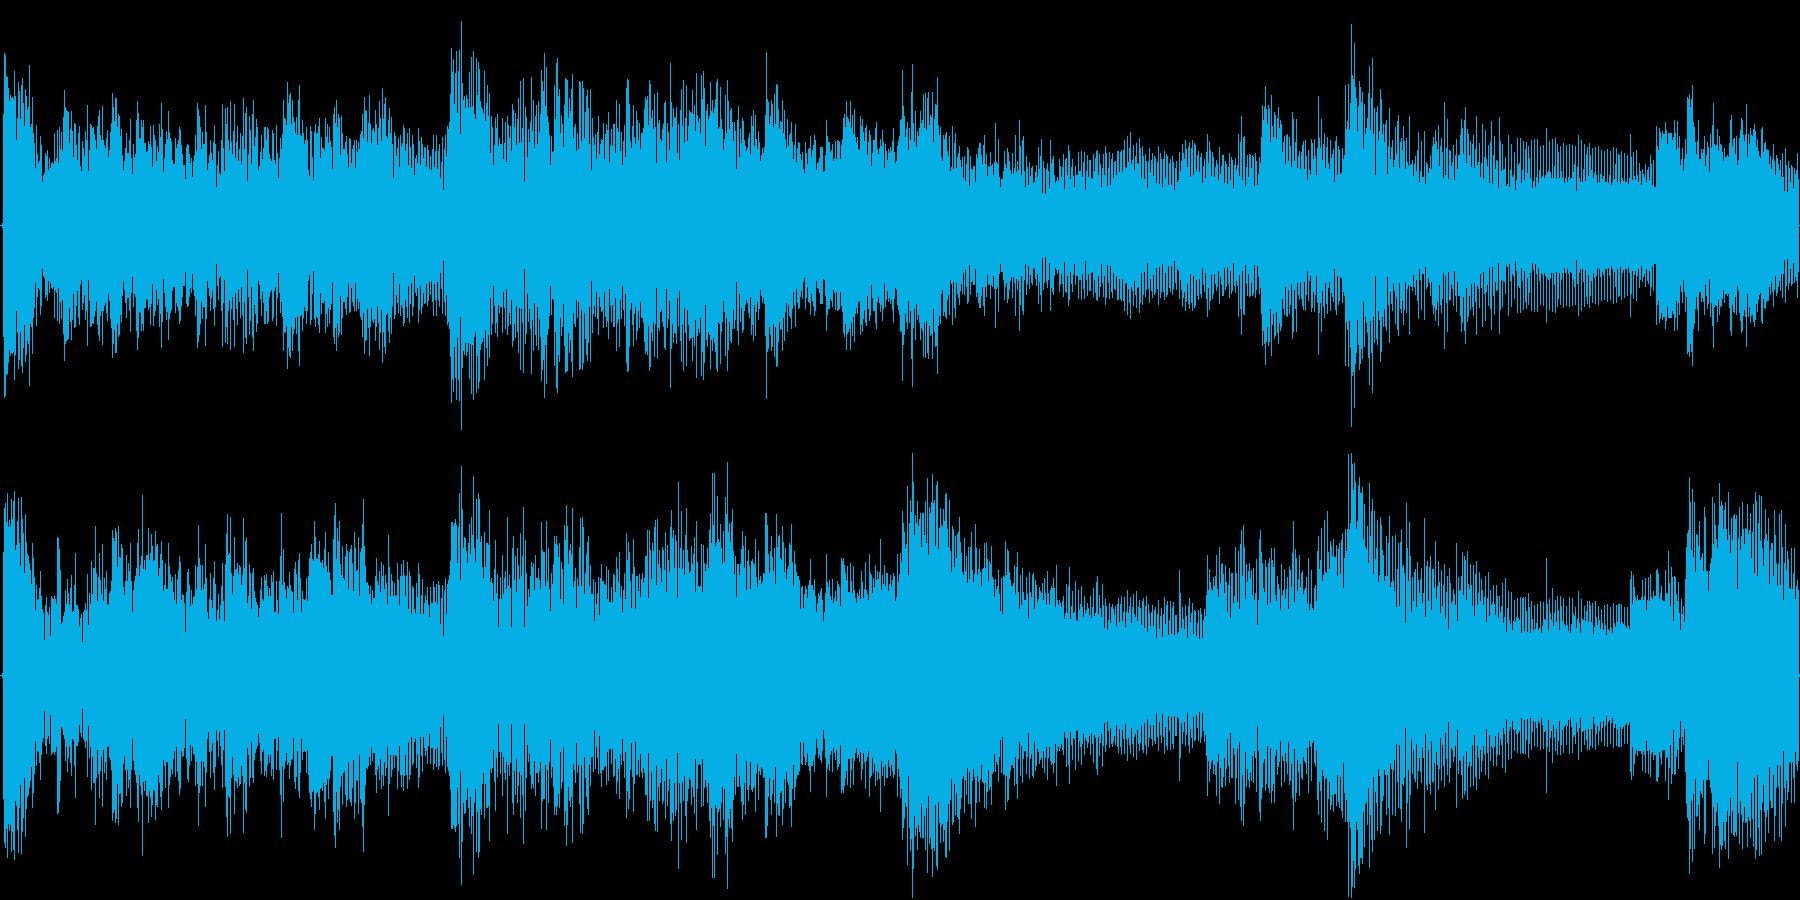 緊張感漂うシンセ・ピアノアンビエントの再生済みの波形